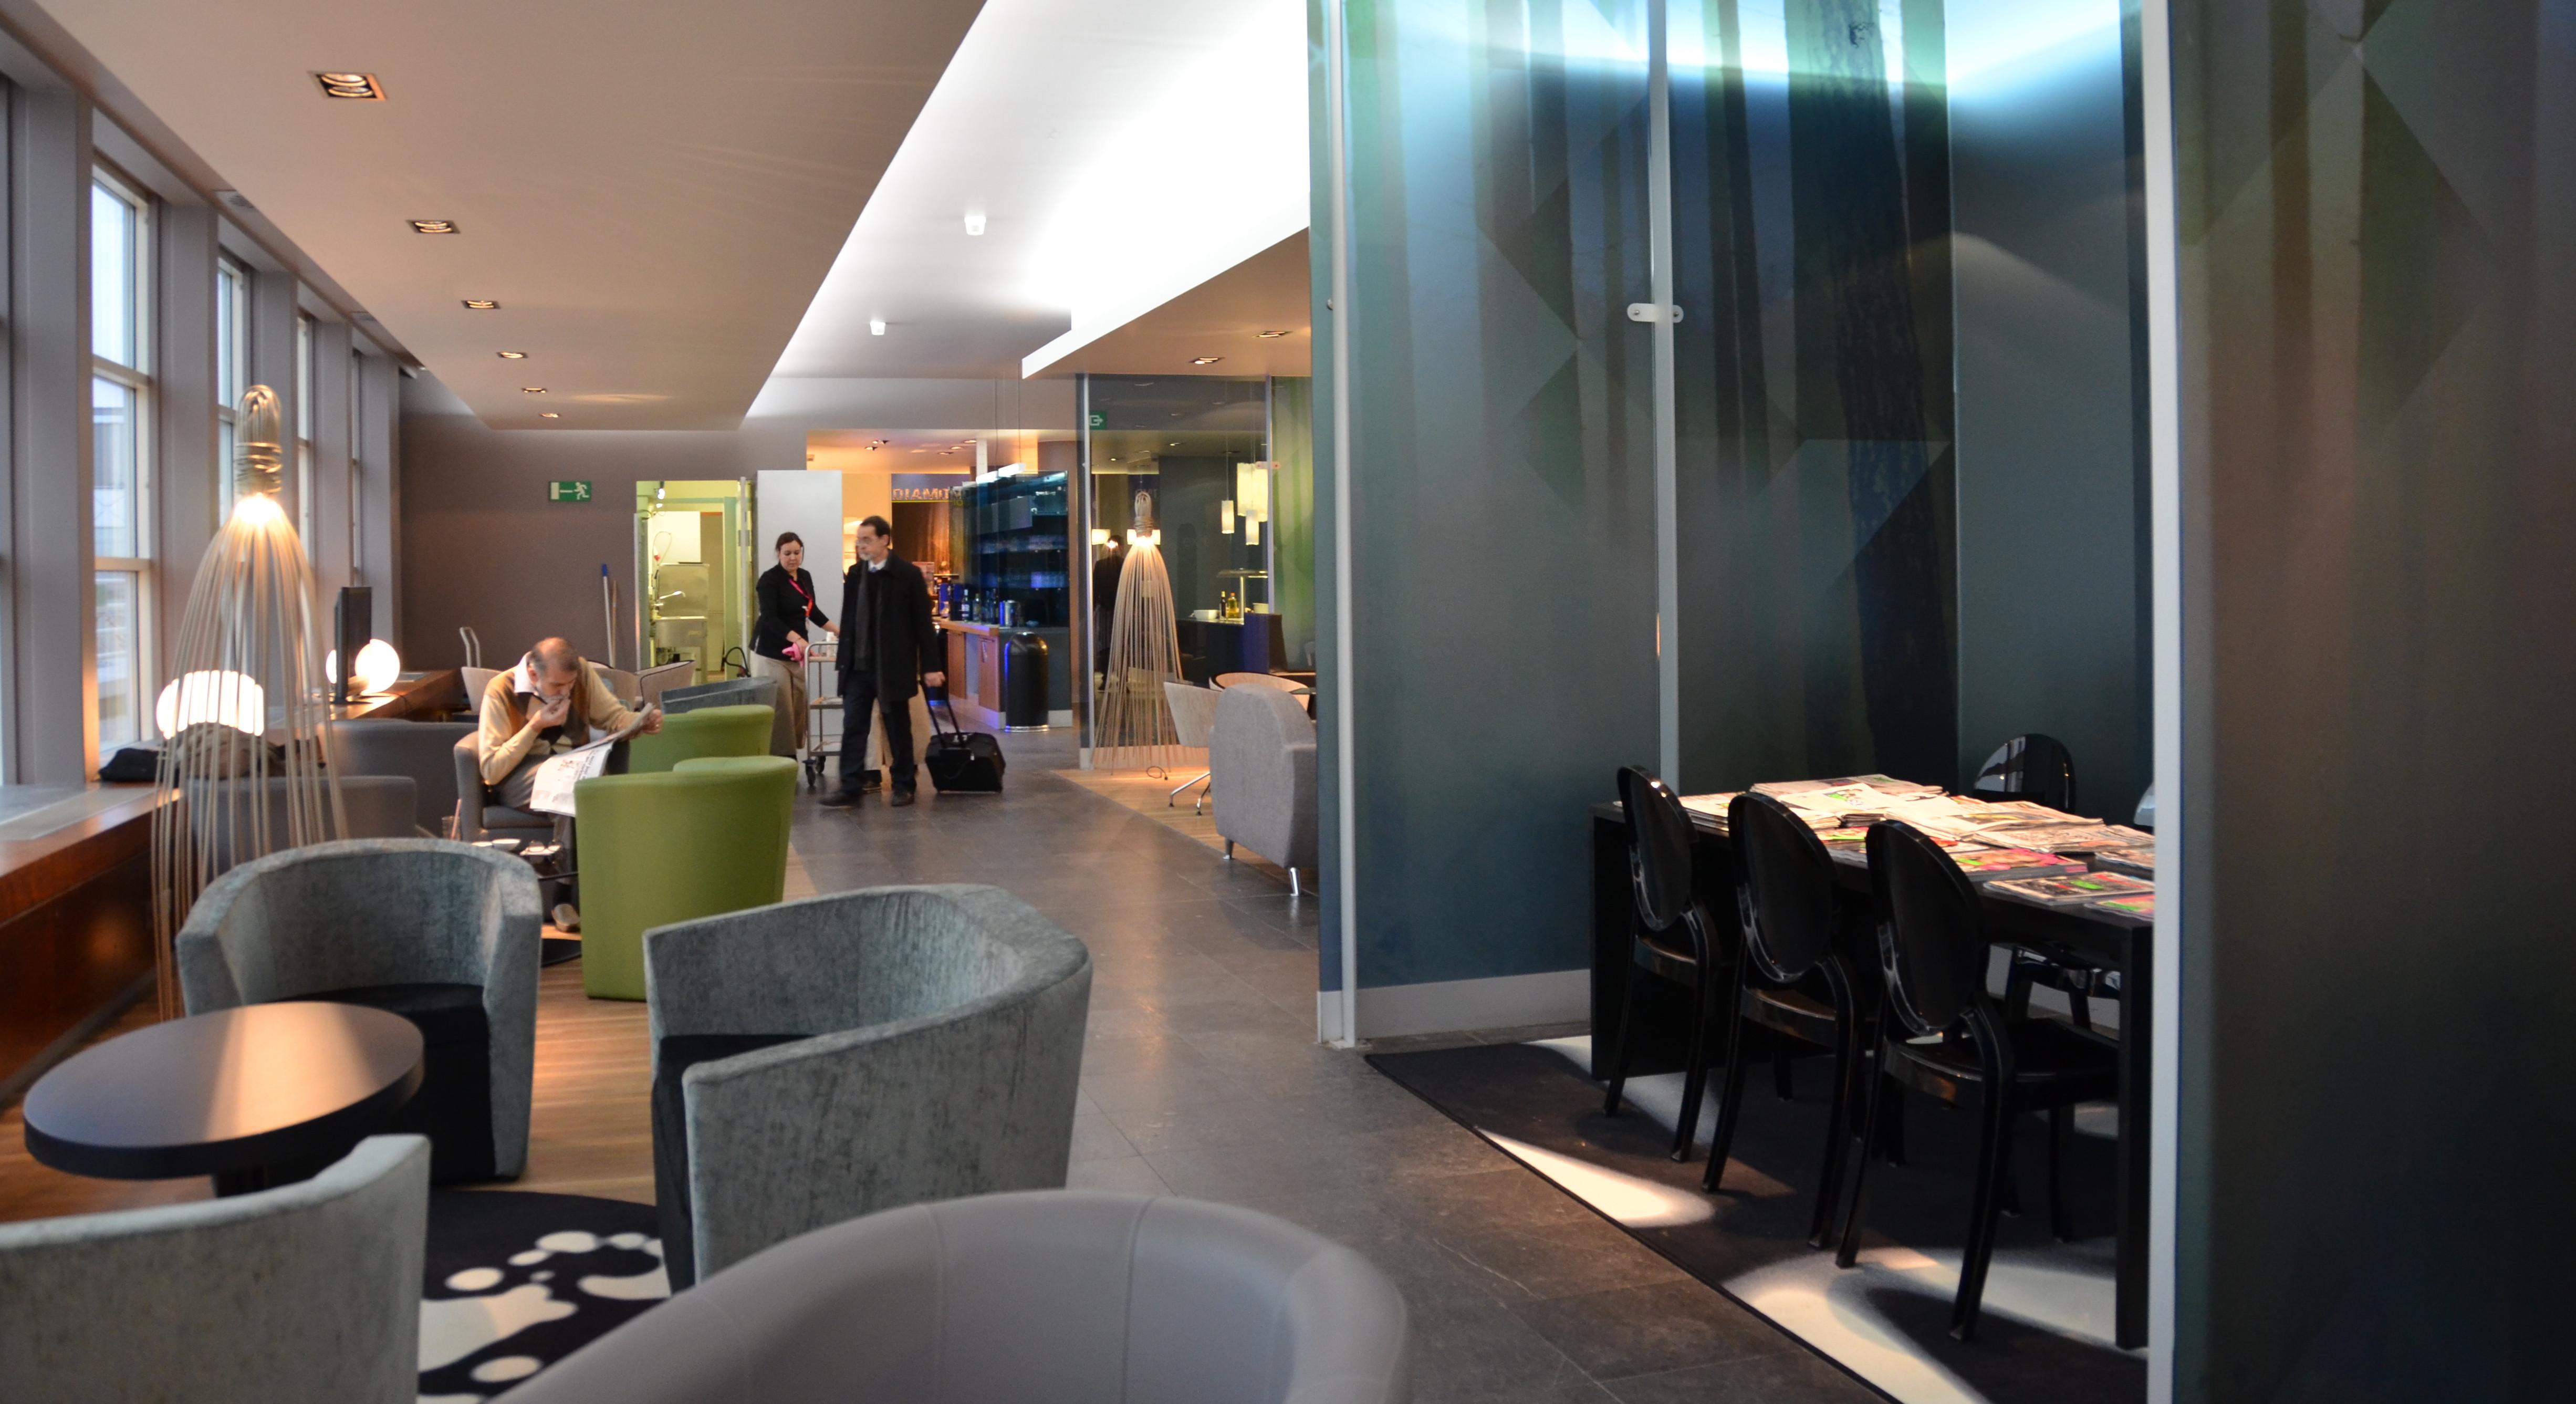 Diamond lounge 25€ <p>De prijs bedraagt nu slechts € 25 in plaats van € 32, te betalen met kredietkaart of Maestro aan de receptie van de lounge.</p>